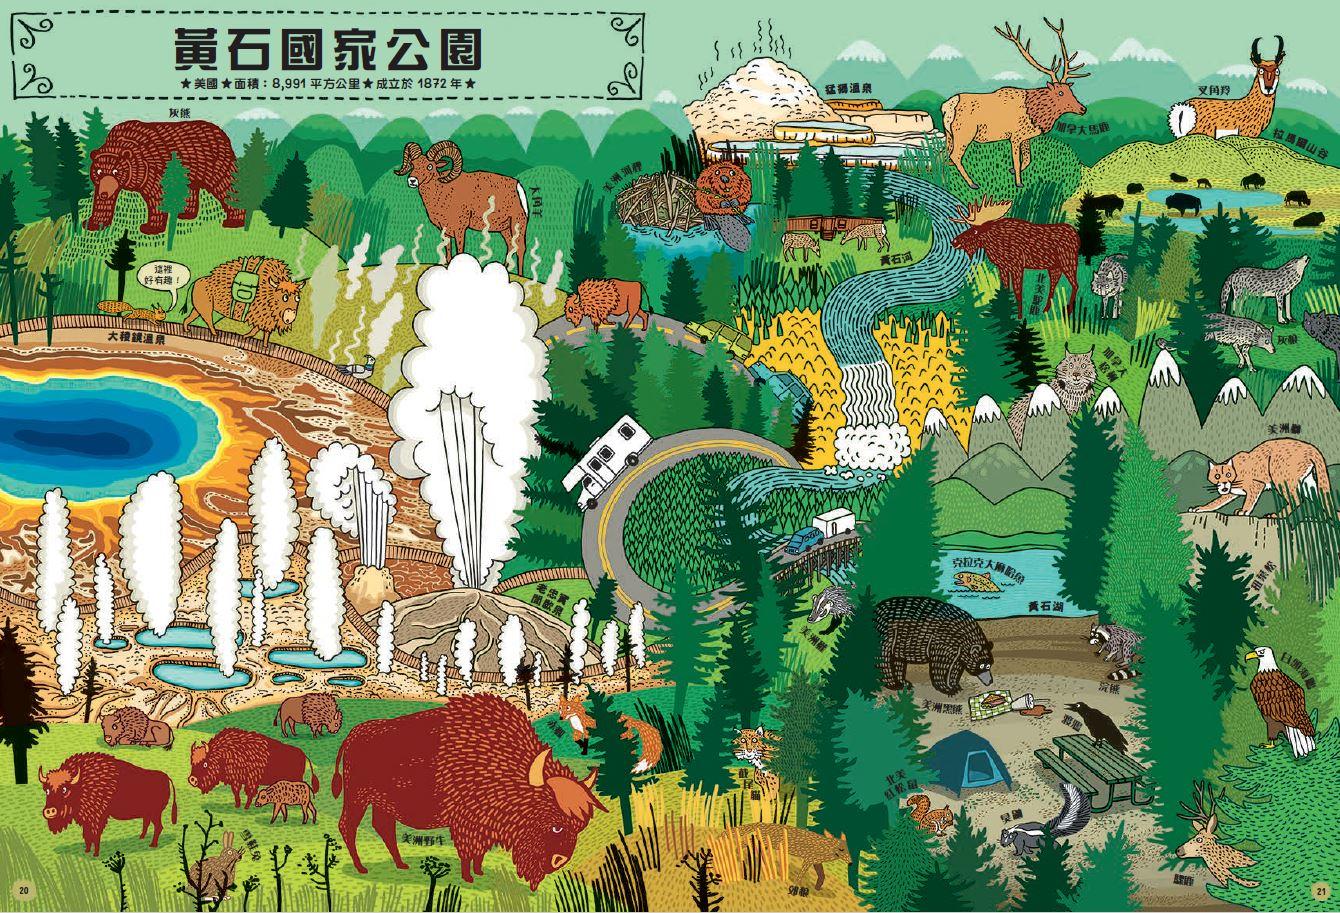 繪本《會生氣的山》由陳又凌2015的插畫得獎作品加以改編而成(圖/小天下提供)